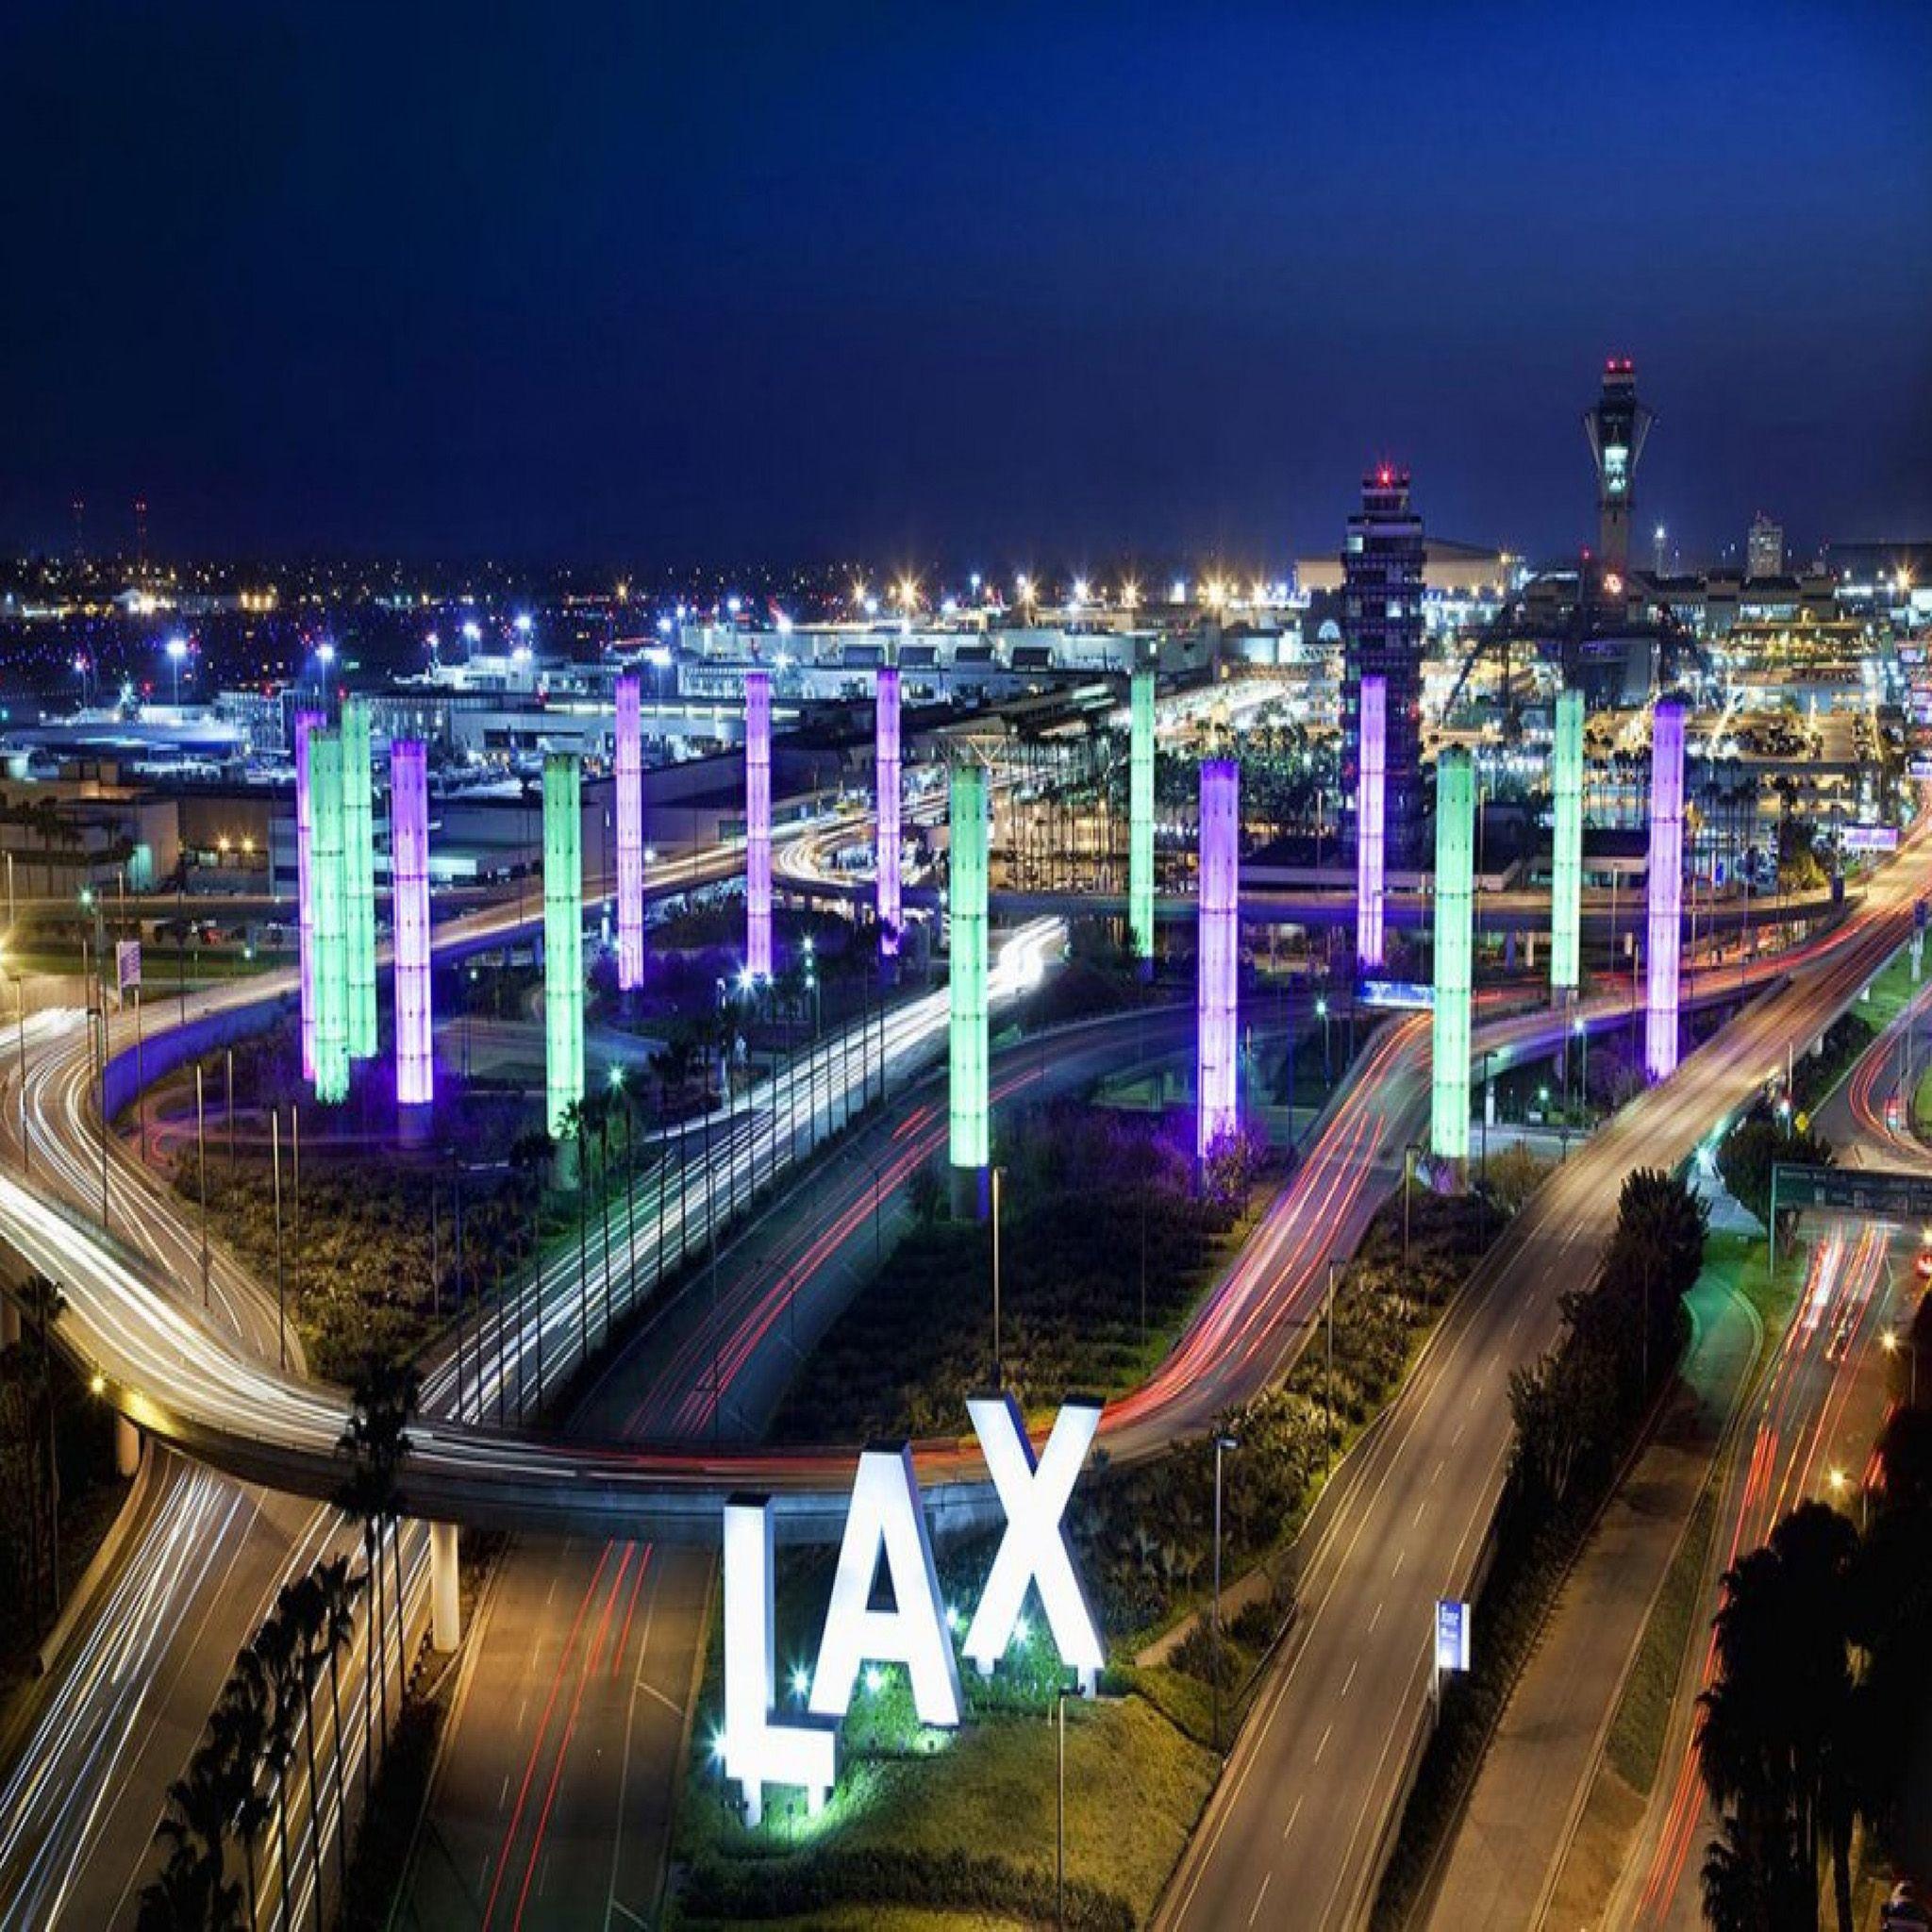 Los Angeles Aeroporto Internacional Lax Los Angeles Airport Los Angeles International Airport Los Angeles